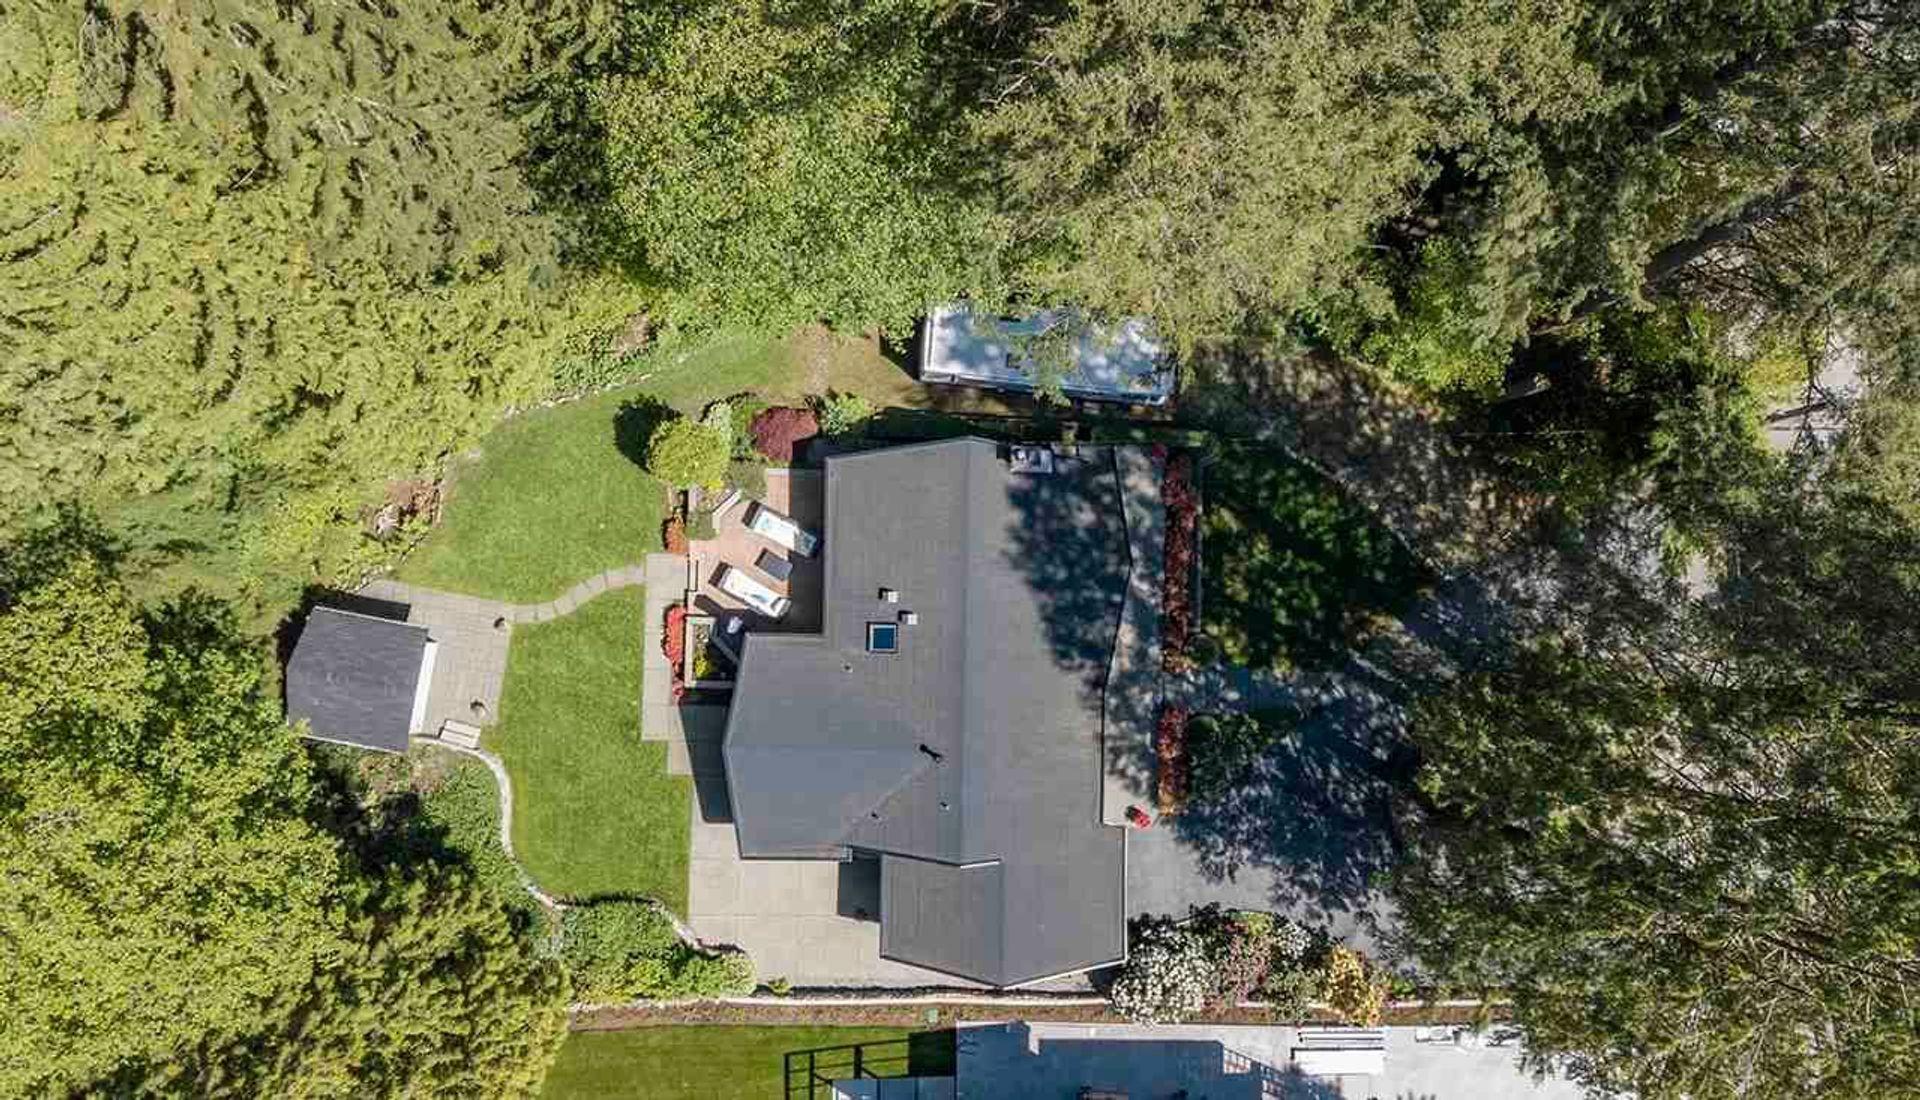 746-e-st-james-road-princess-park-north-vancouver-31 at 746 E St. James Road, Princess Park, North Vancouver